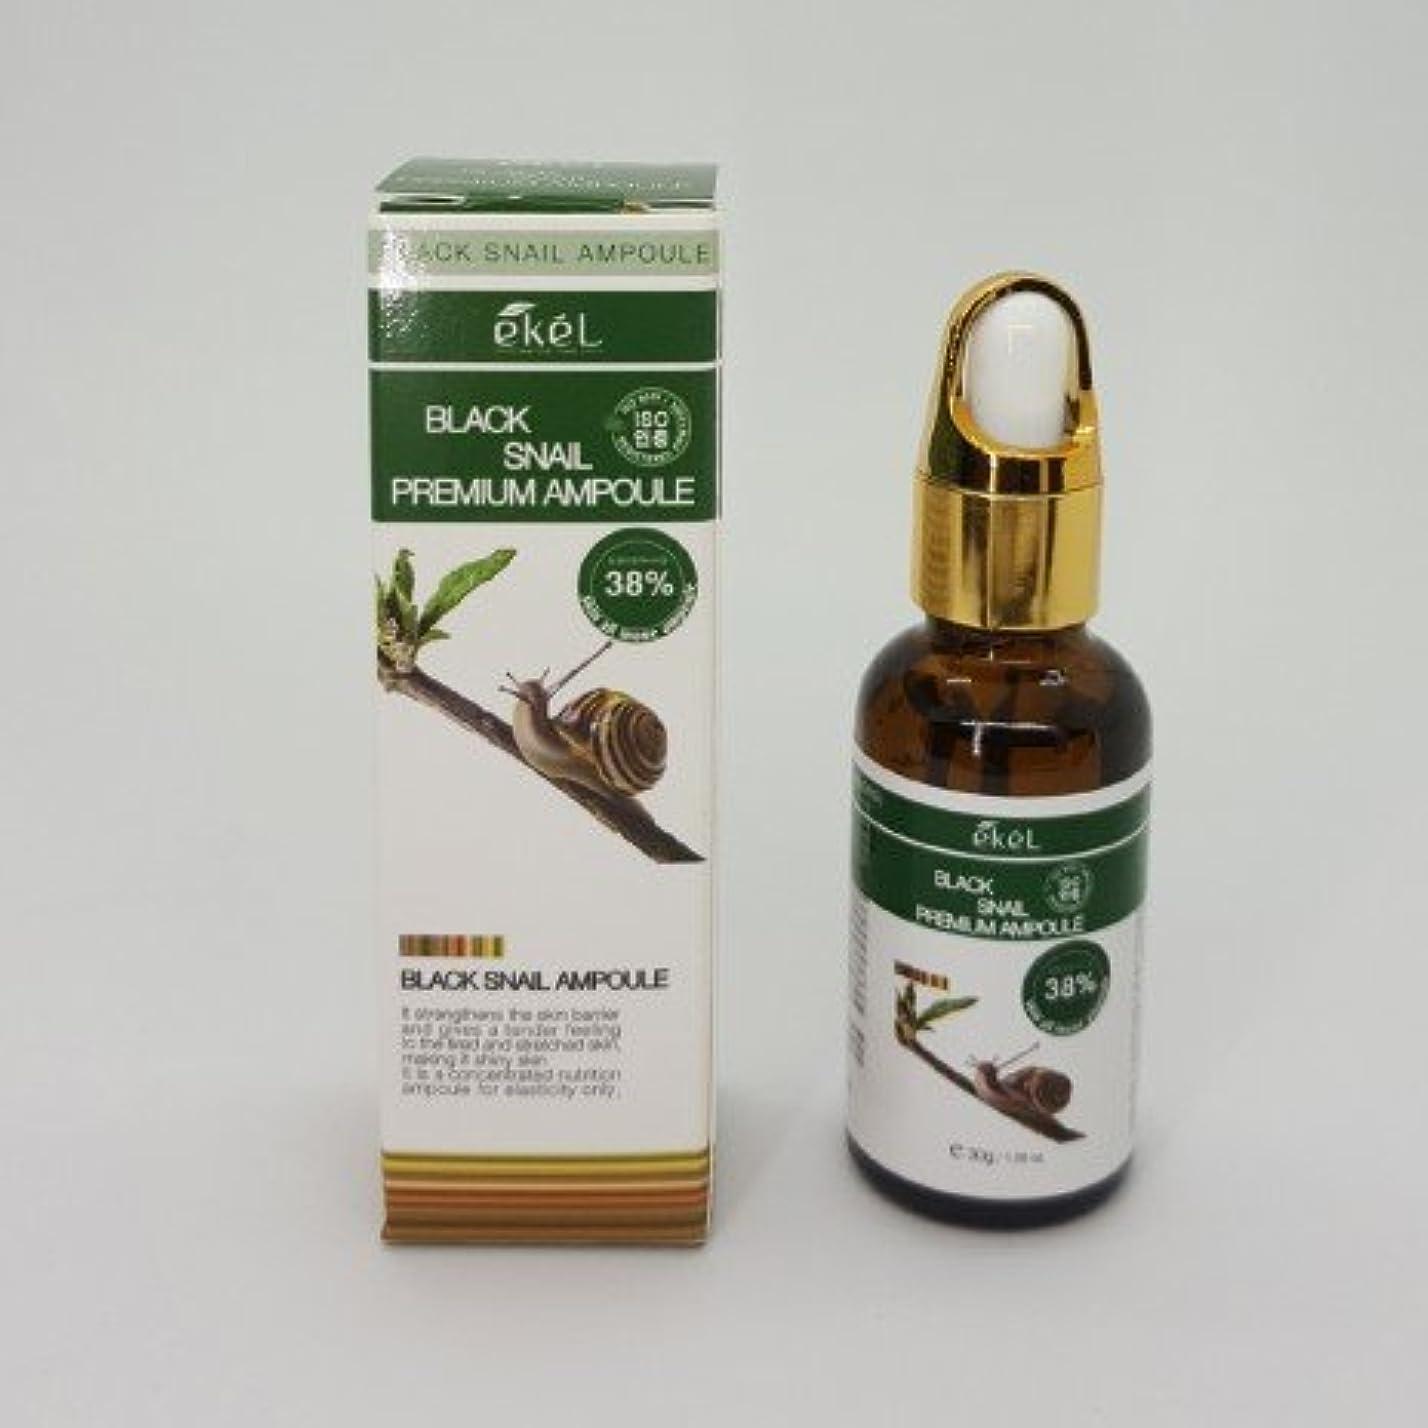 書き込み分散解く[EKEL] Black Snail Premium Ampoule 38% - 30g